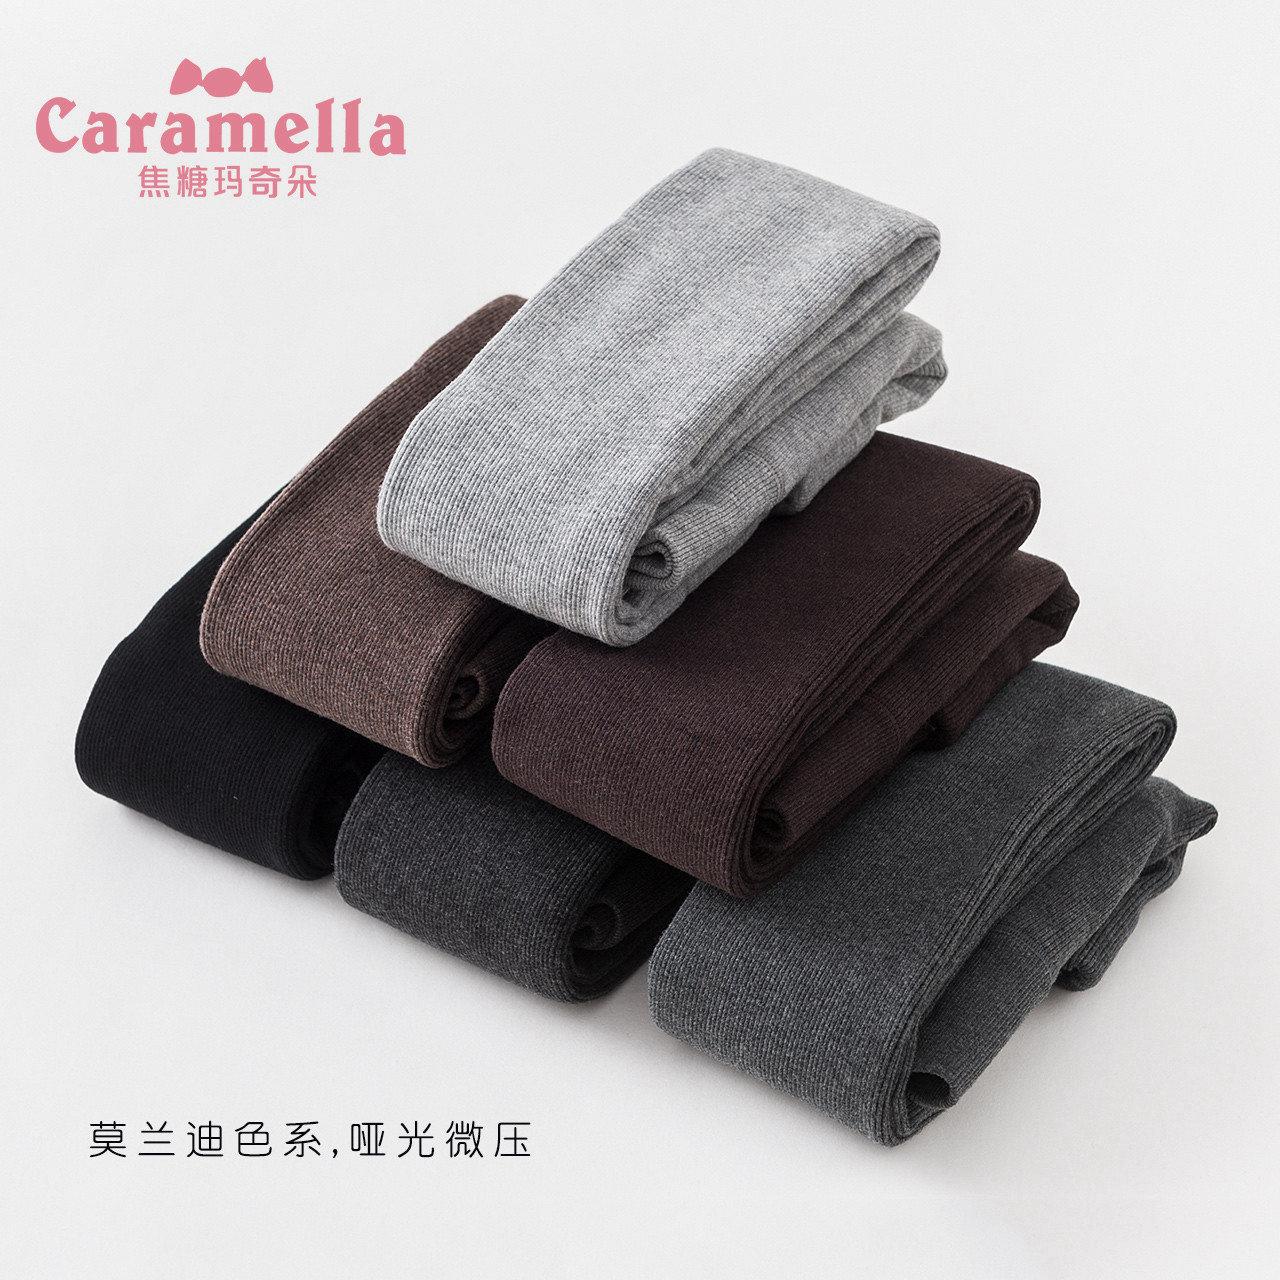 CARAMELLA 20204-CE 女士保暖打底裤  券后34.7元